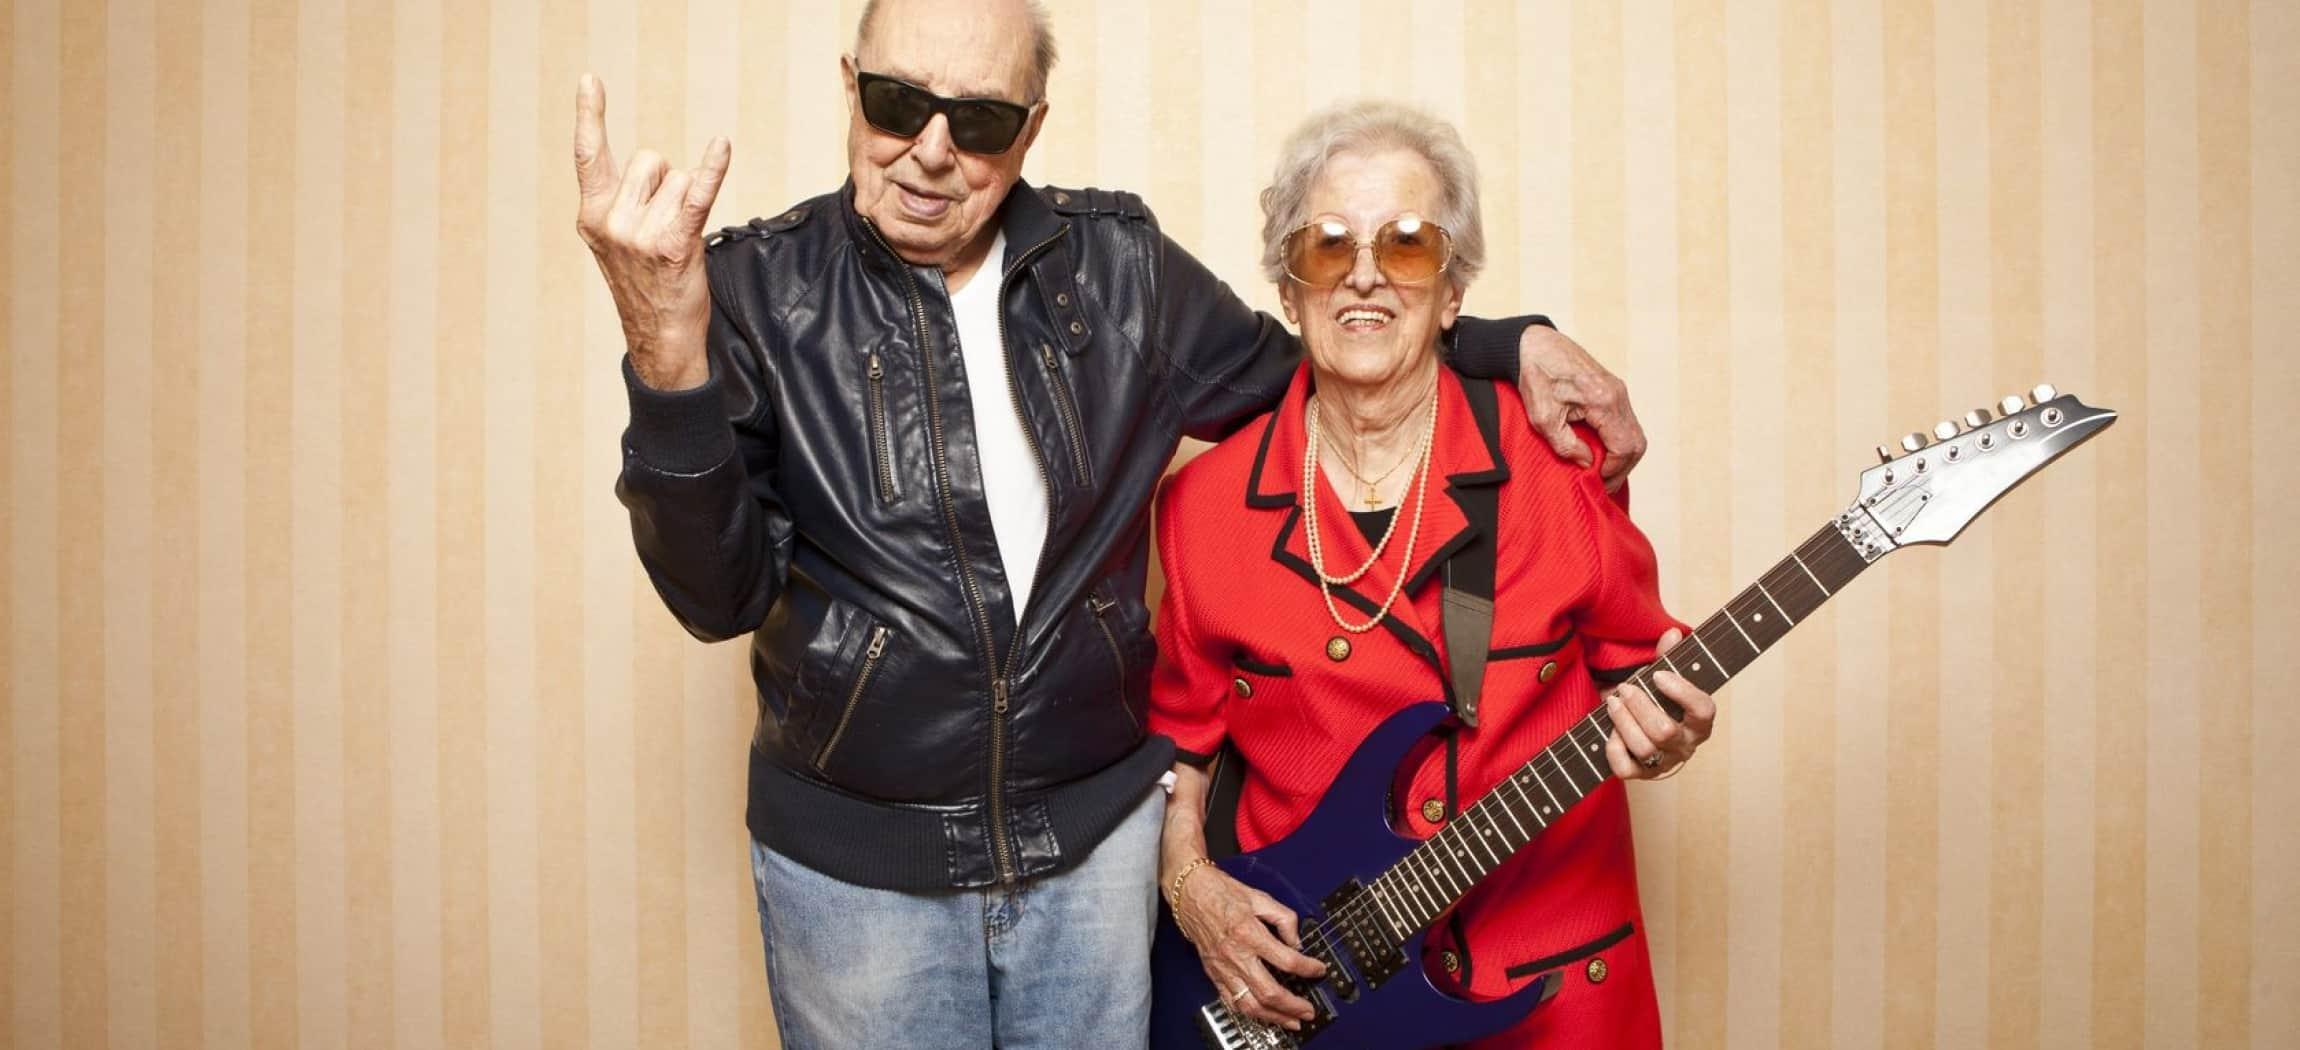 My Generation voor Rock-'n-Roll ouderen